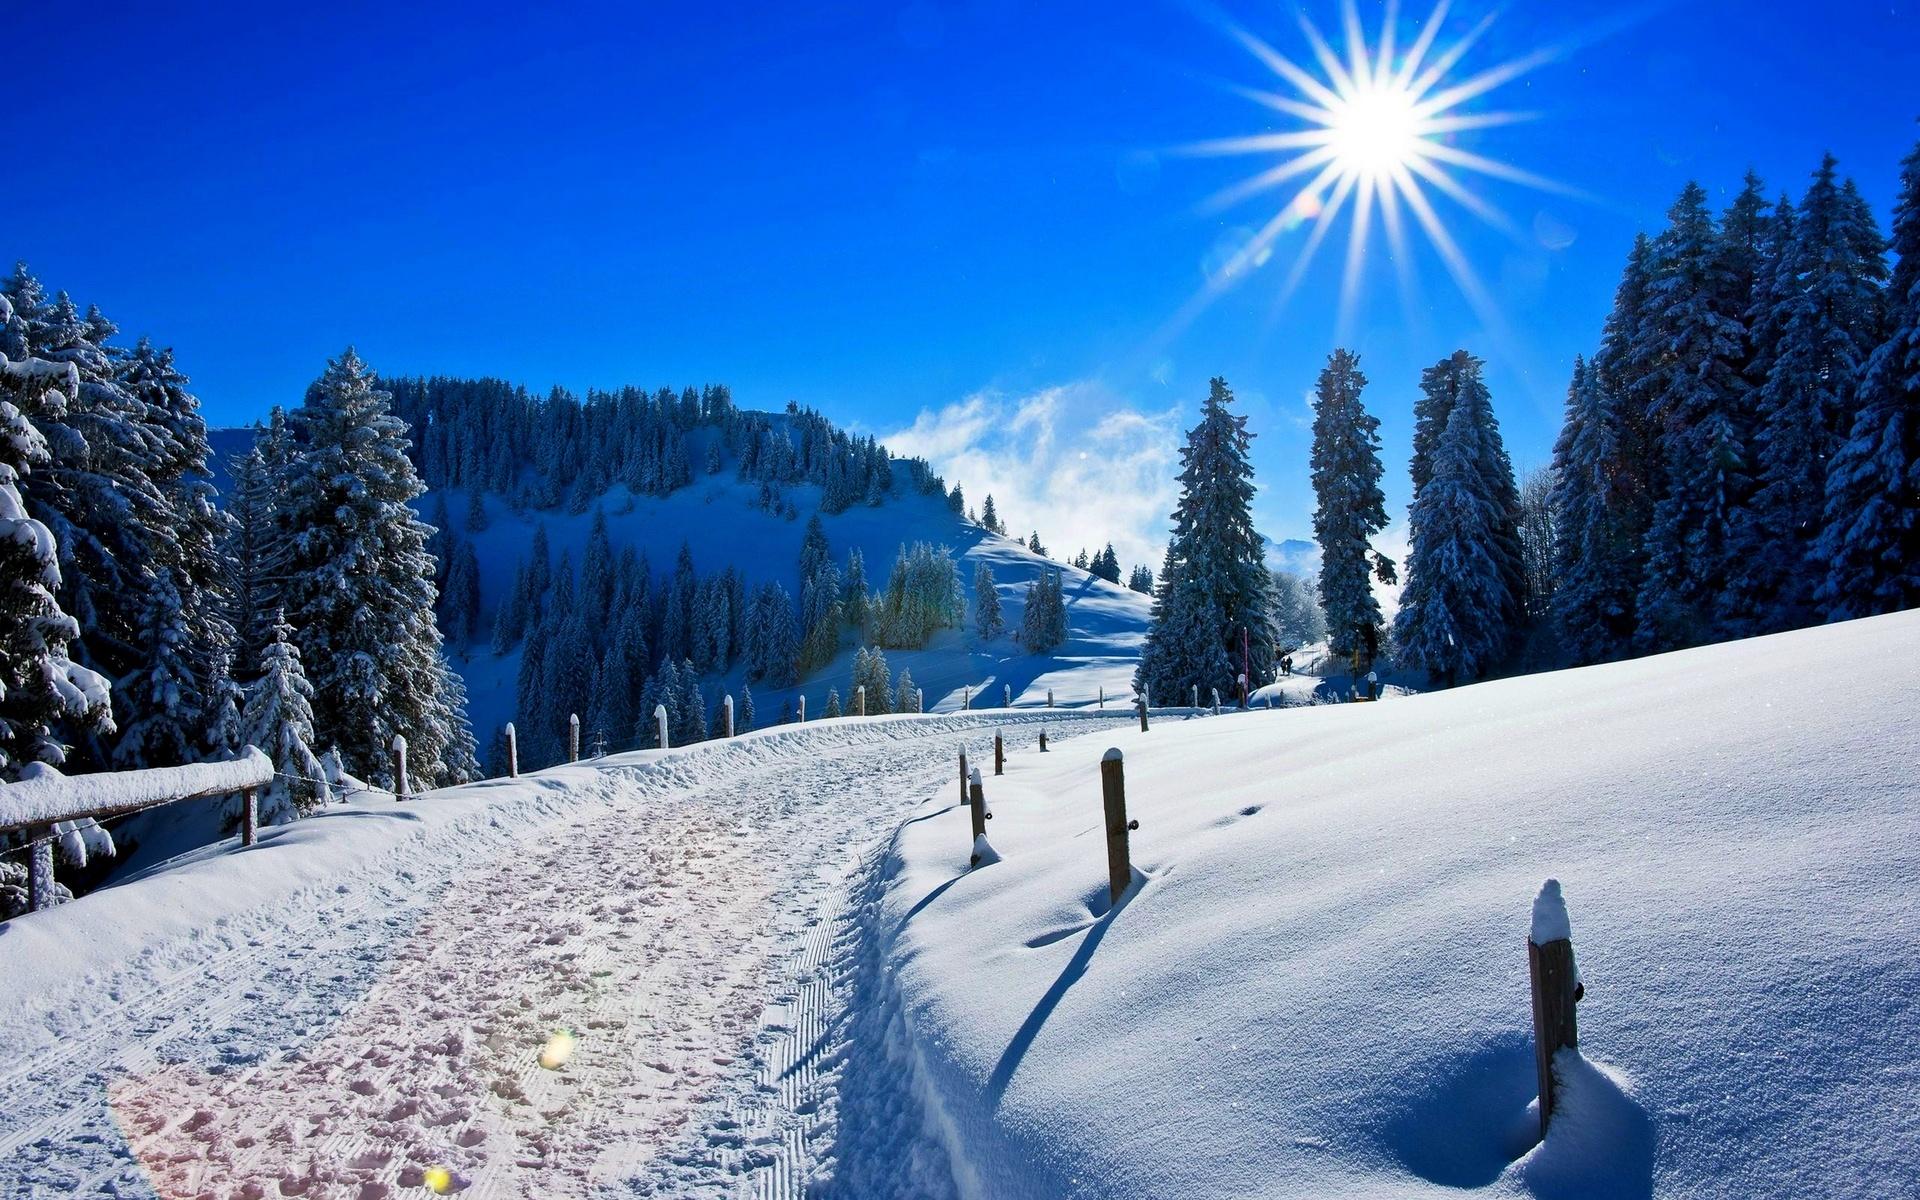 природа, пейзаж, горы, холмы, зима, снег, дорога, деревья, лес, ели солнце, лучи, ели, солнце